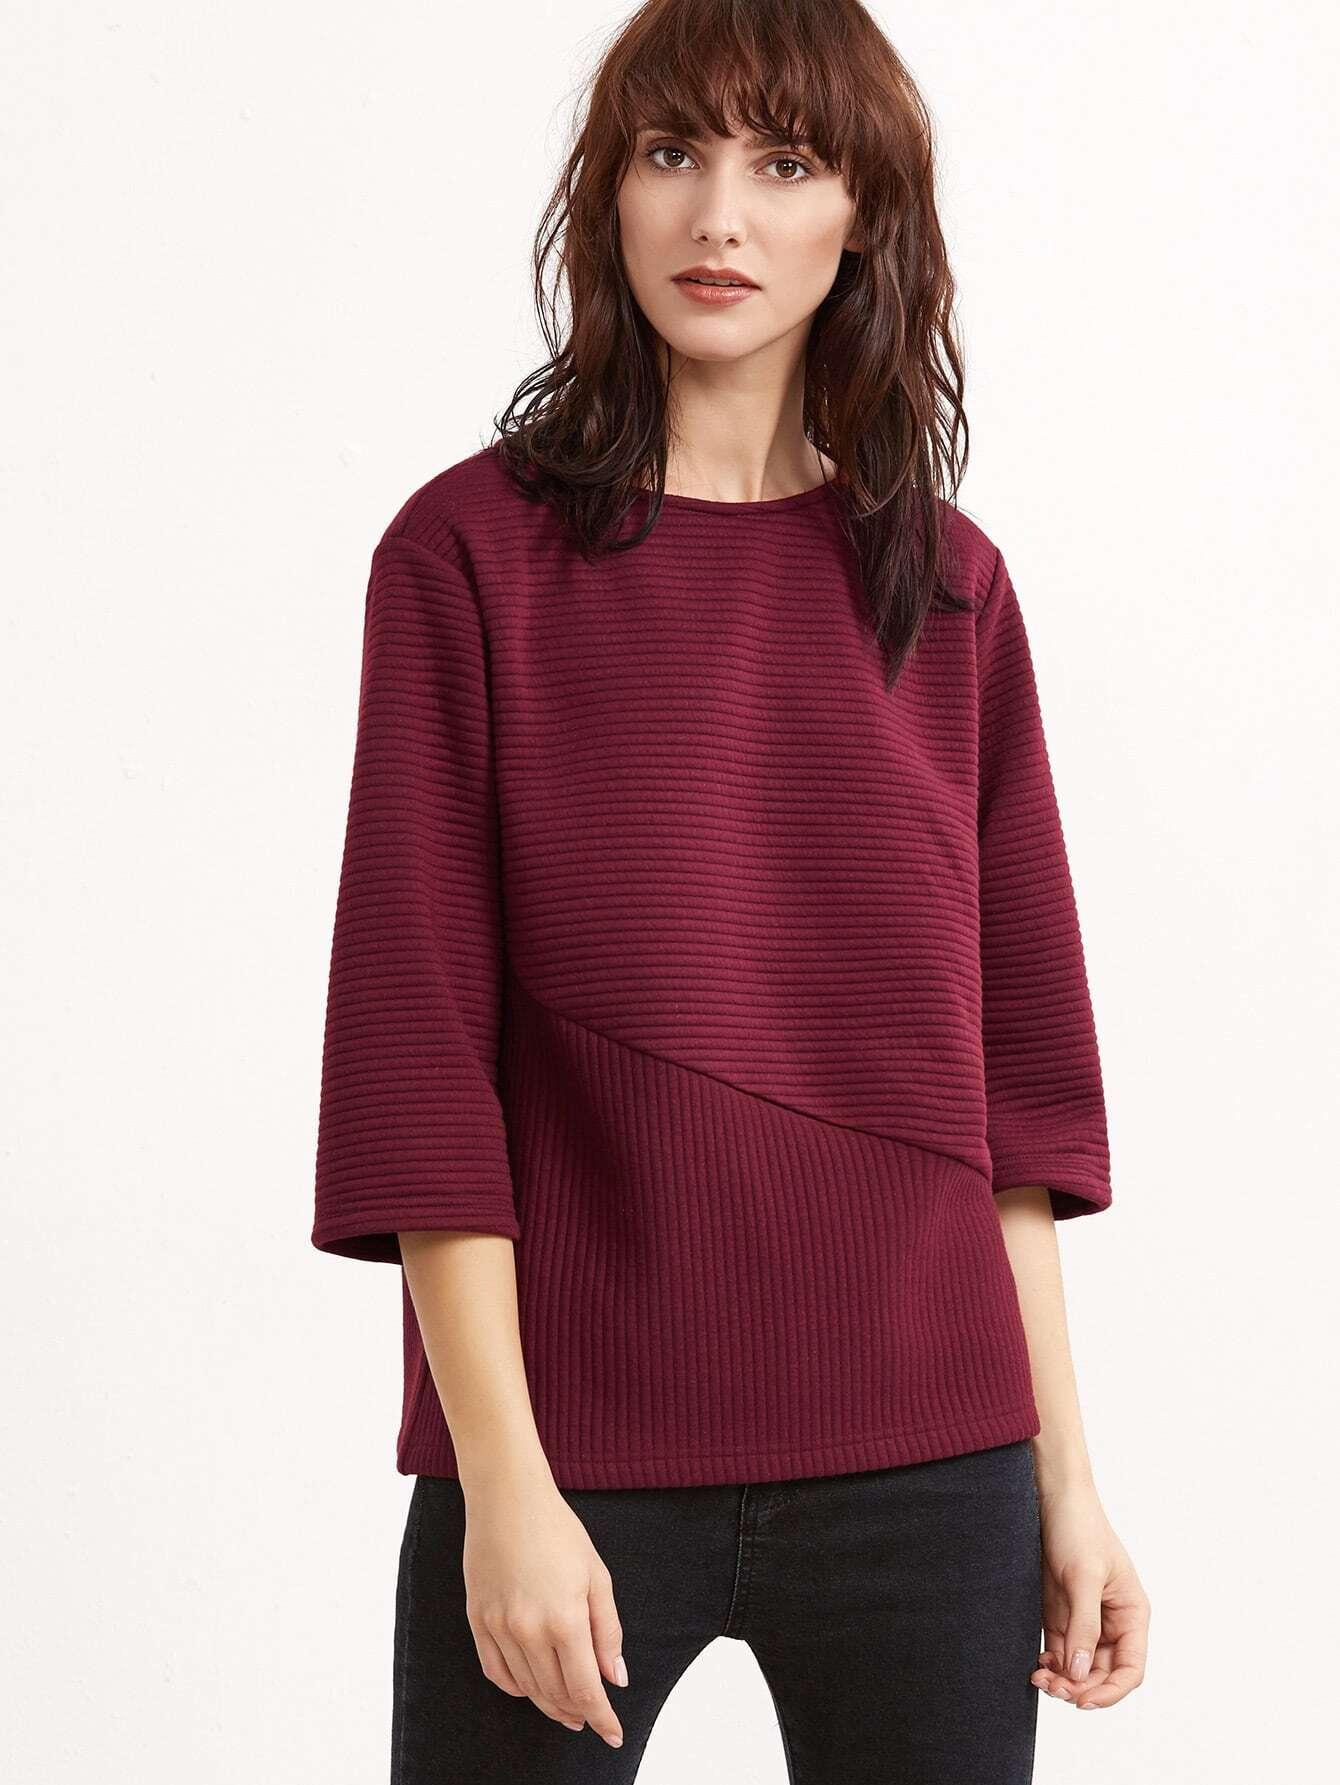 sweatshirt161129703_2